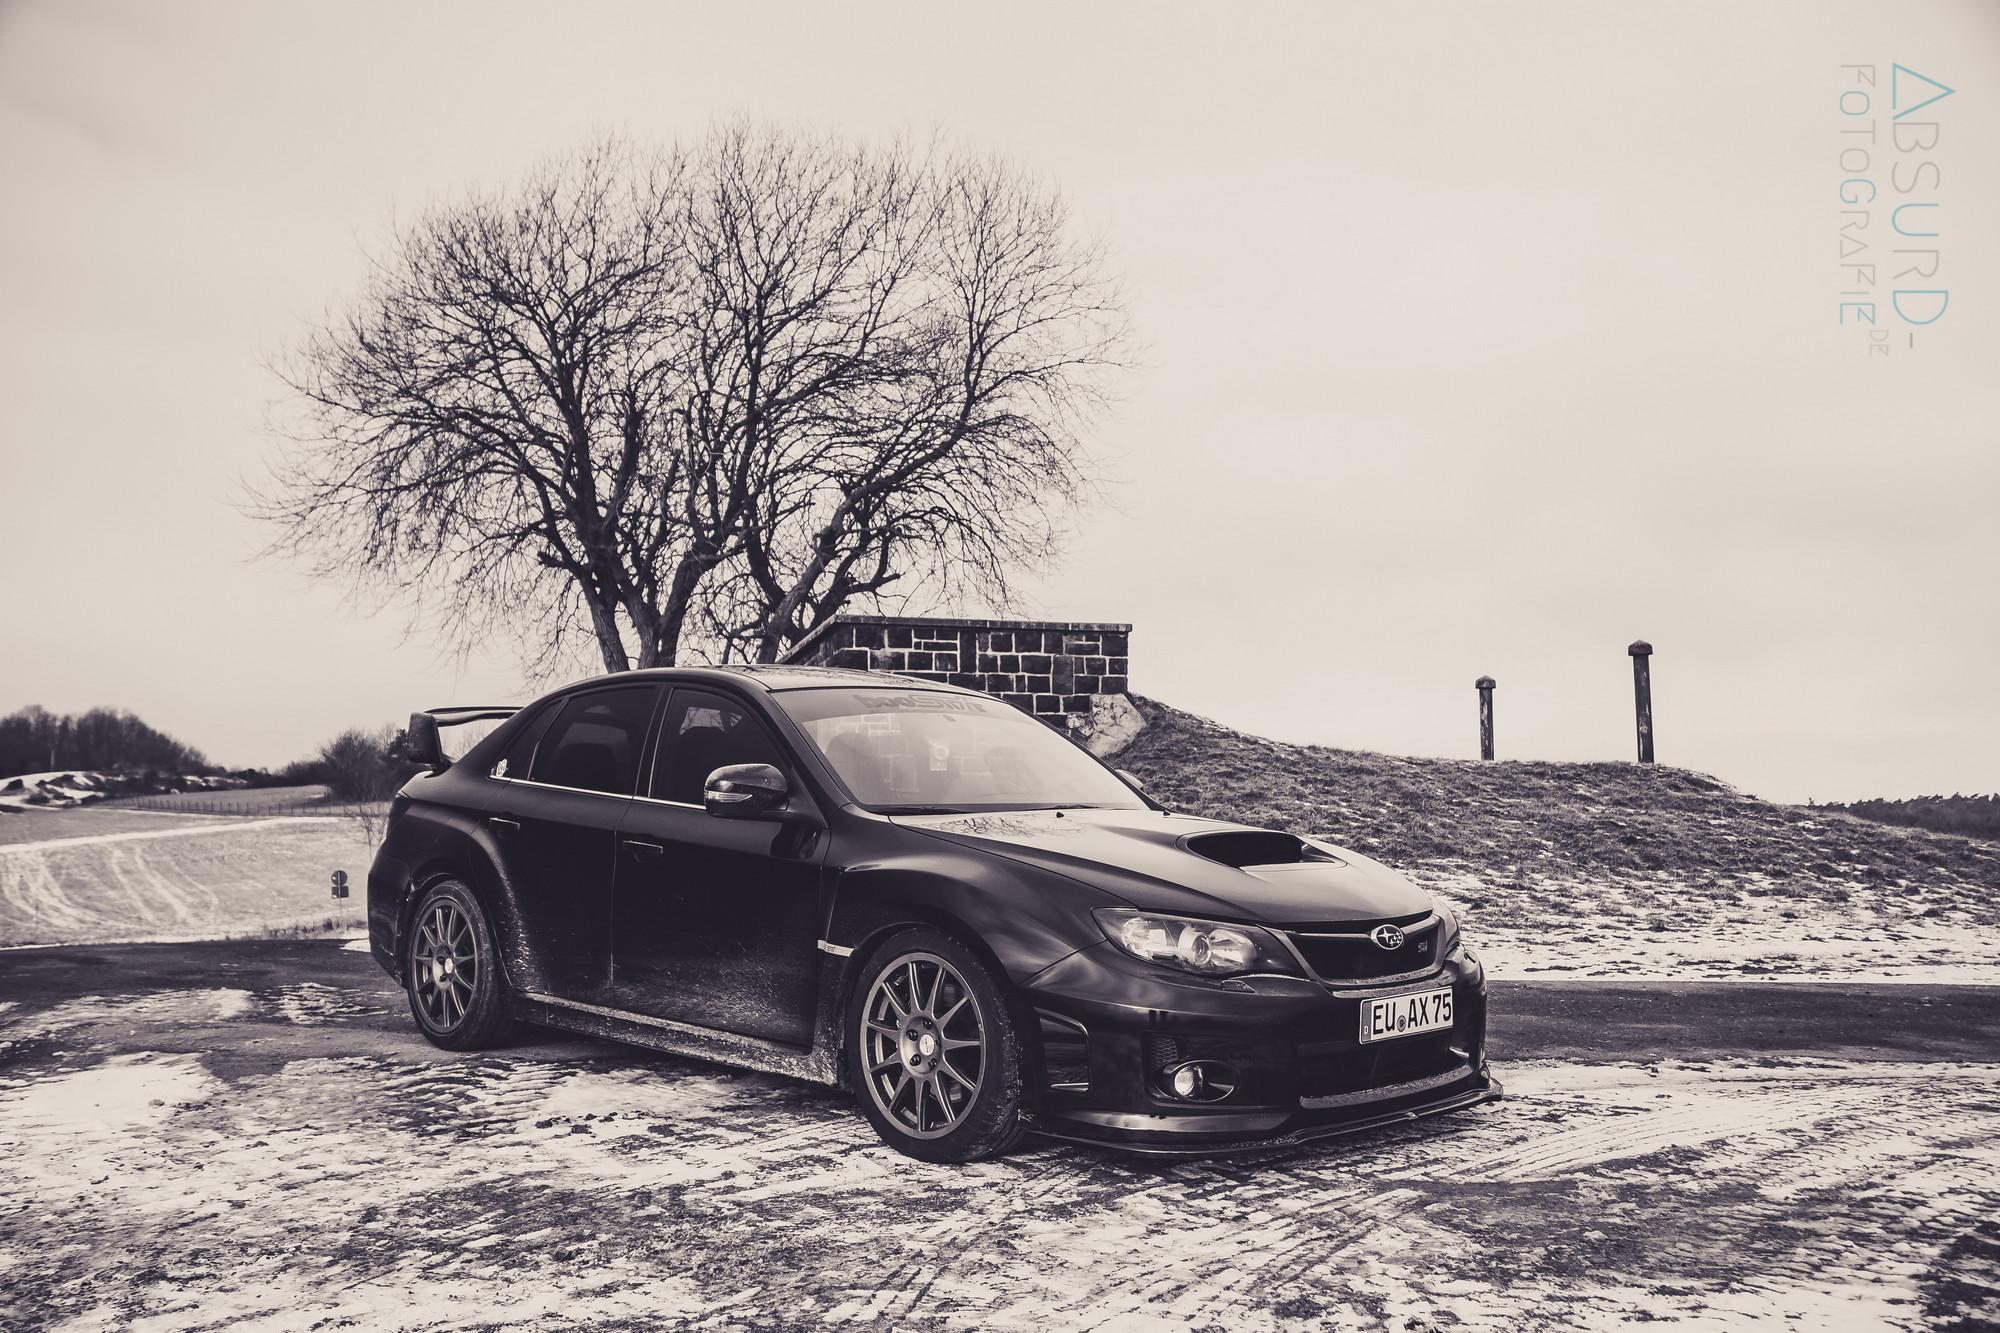 2019-01-20-Alex-Subaru-STI - DSC02095-00212-lredit-_tn.jpg